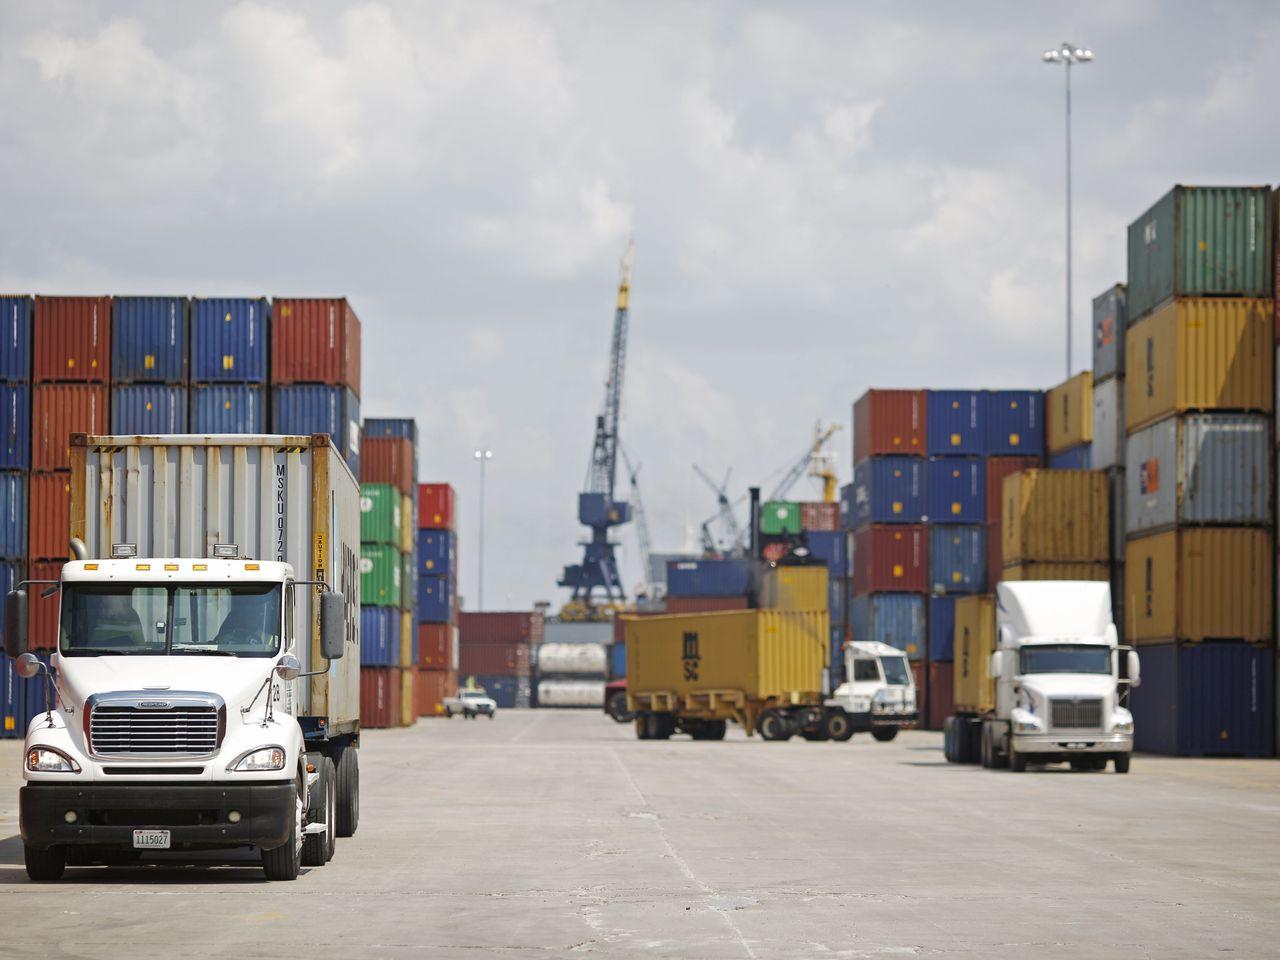 Những chiếc hộp thần kỳ định hình dòng chảy thương mại toàn cầu - Ảnh 2.